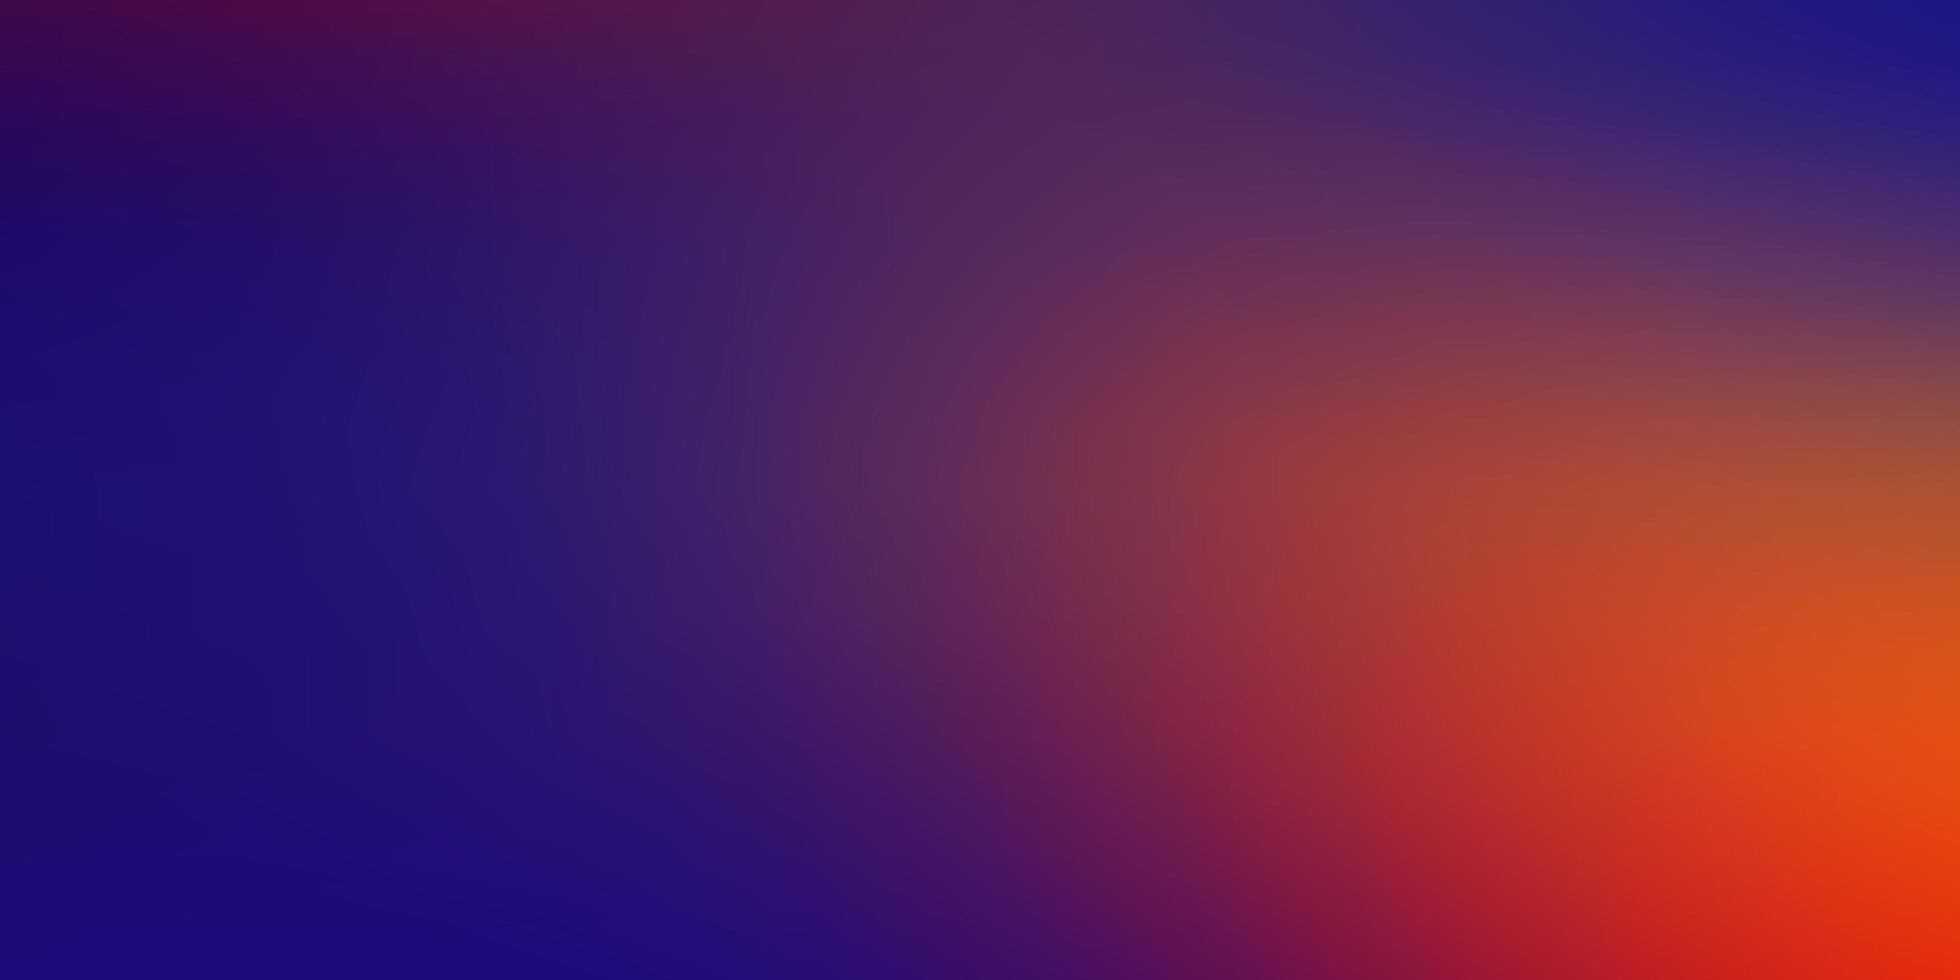 sfondo sfocato moderno blu scuro e rosso vettore